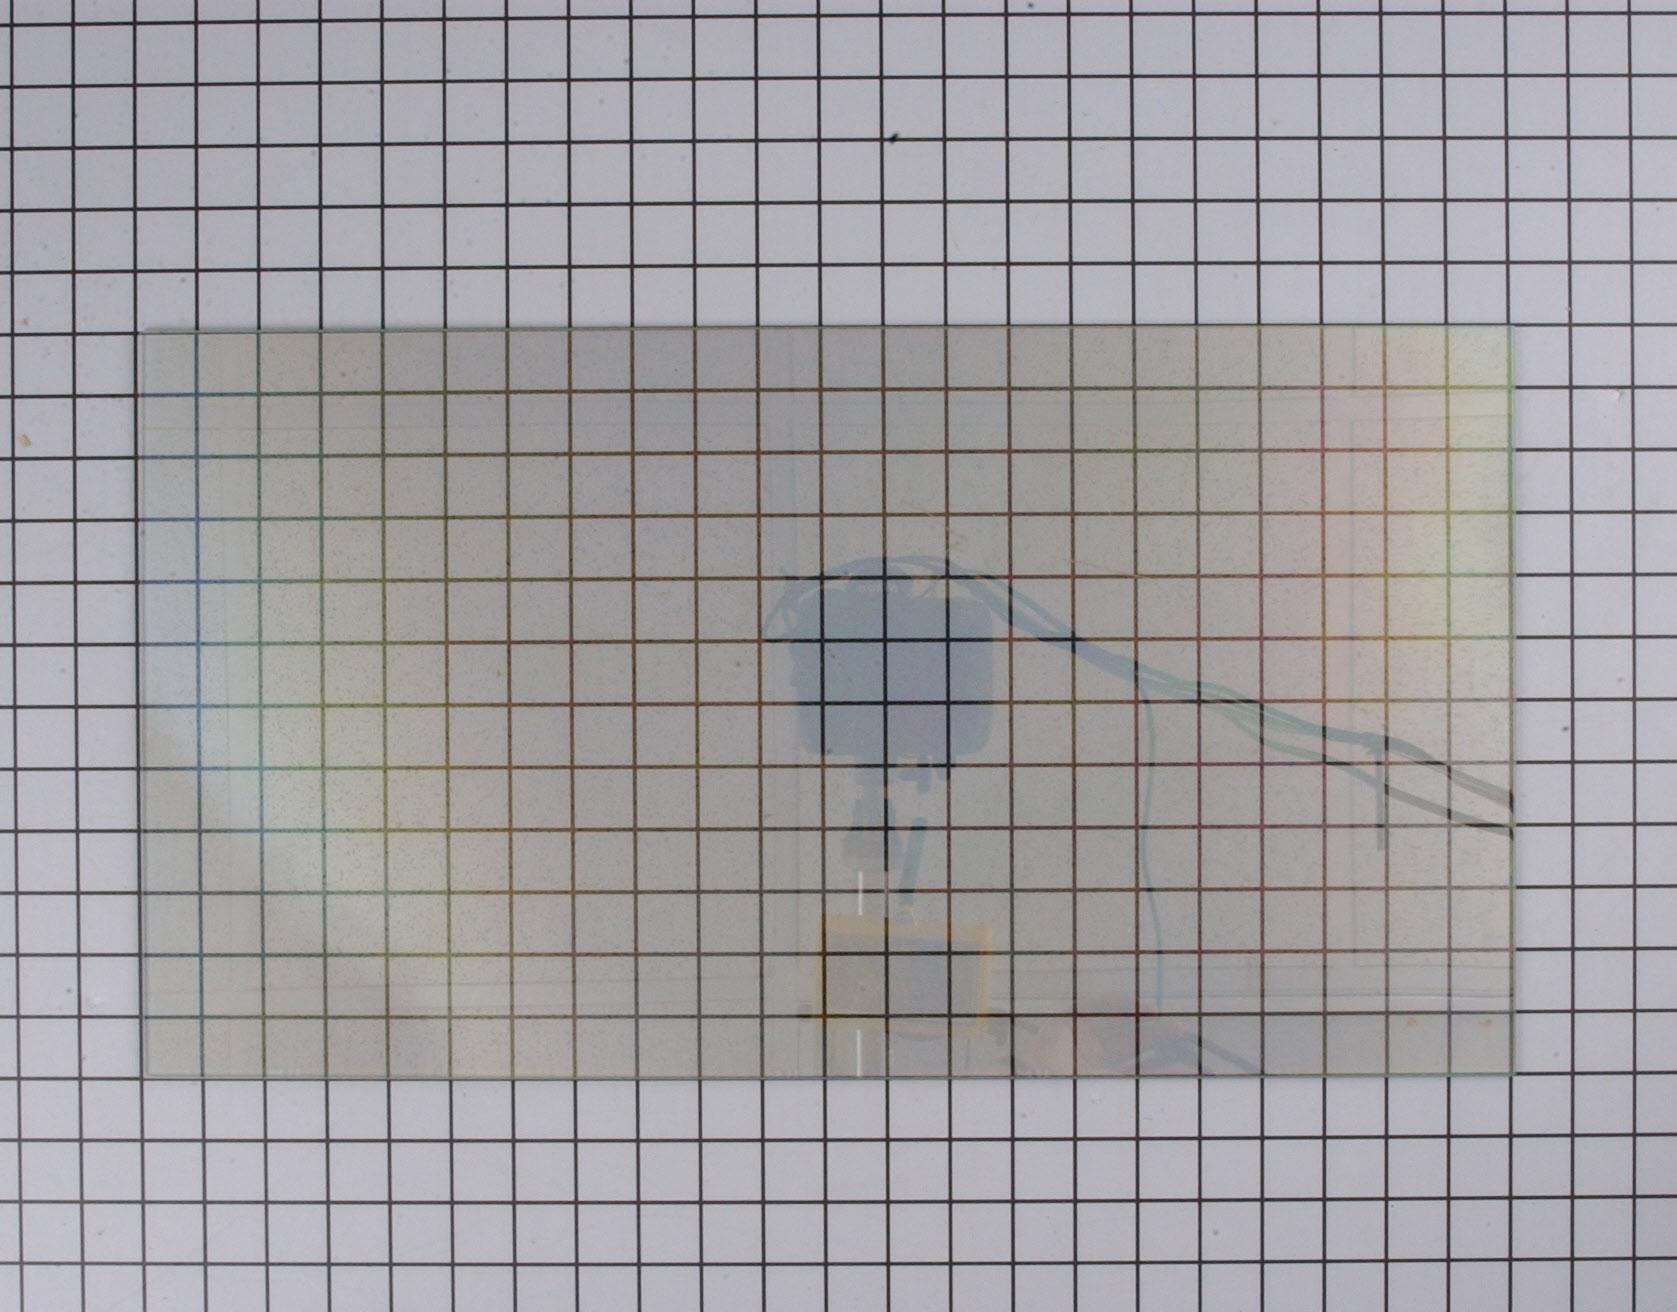 Whirlpool Range/Stove/Oven Part # WP4449263 - Inner Door Glass